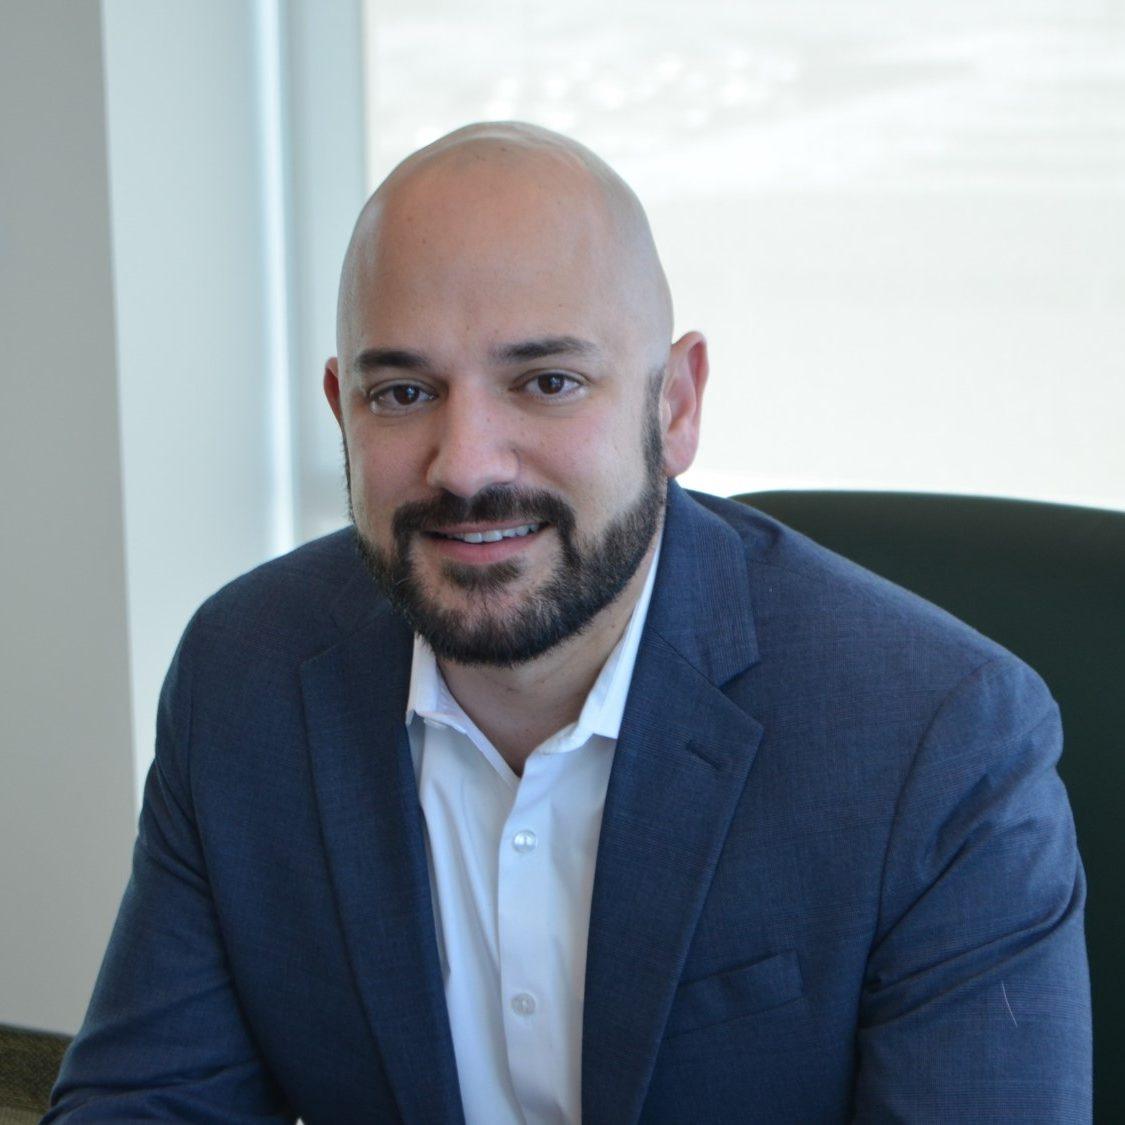 Lazaro-Cosma-Director-ExxonMobil-Canada